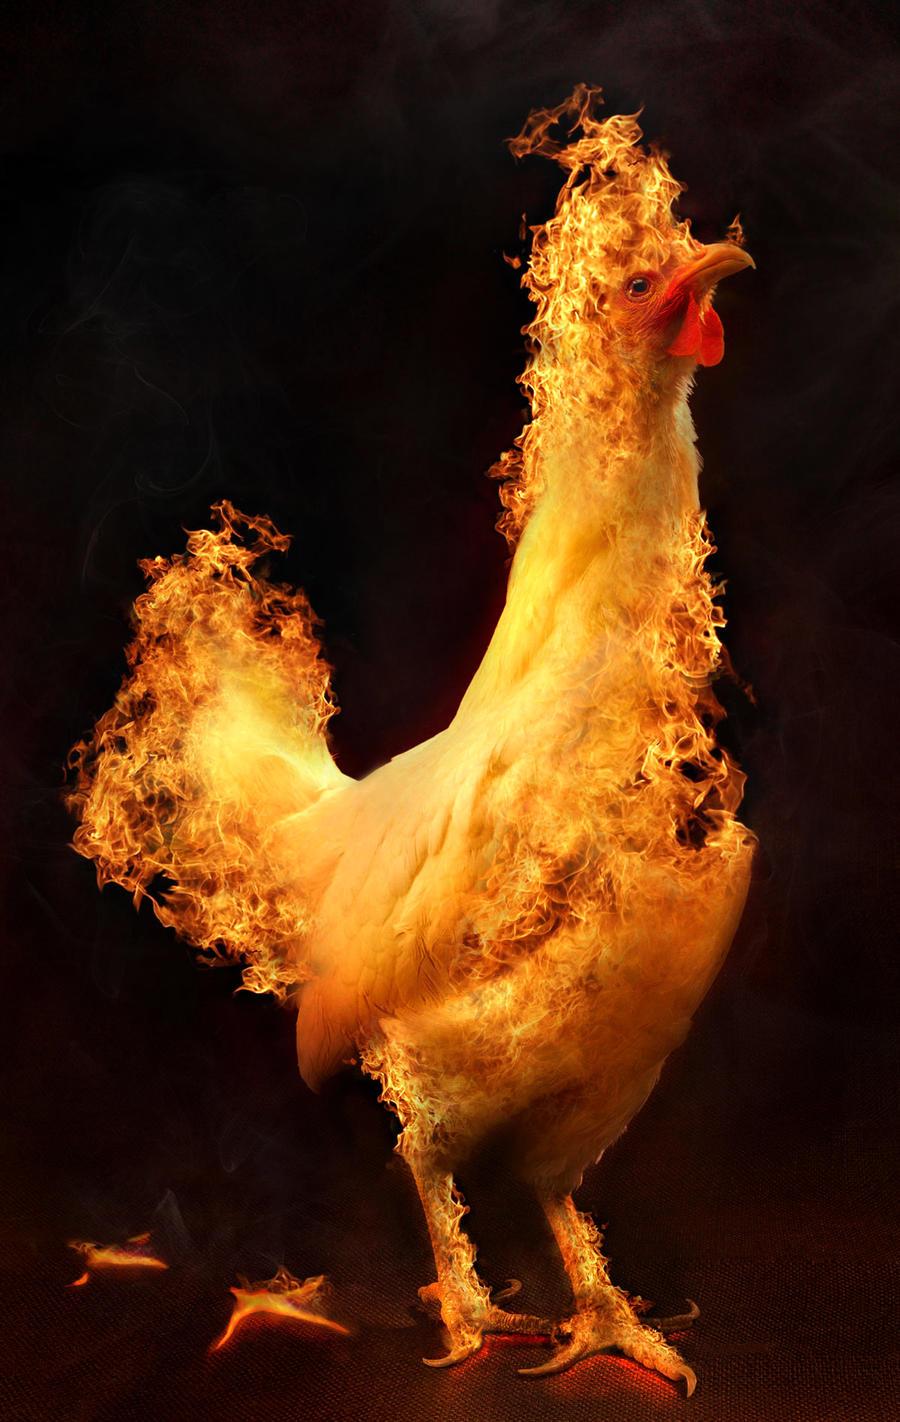 Fire Chicken by FlipFlopNinja